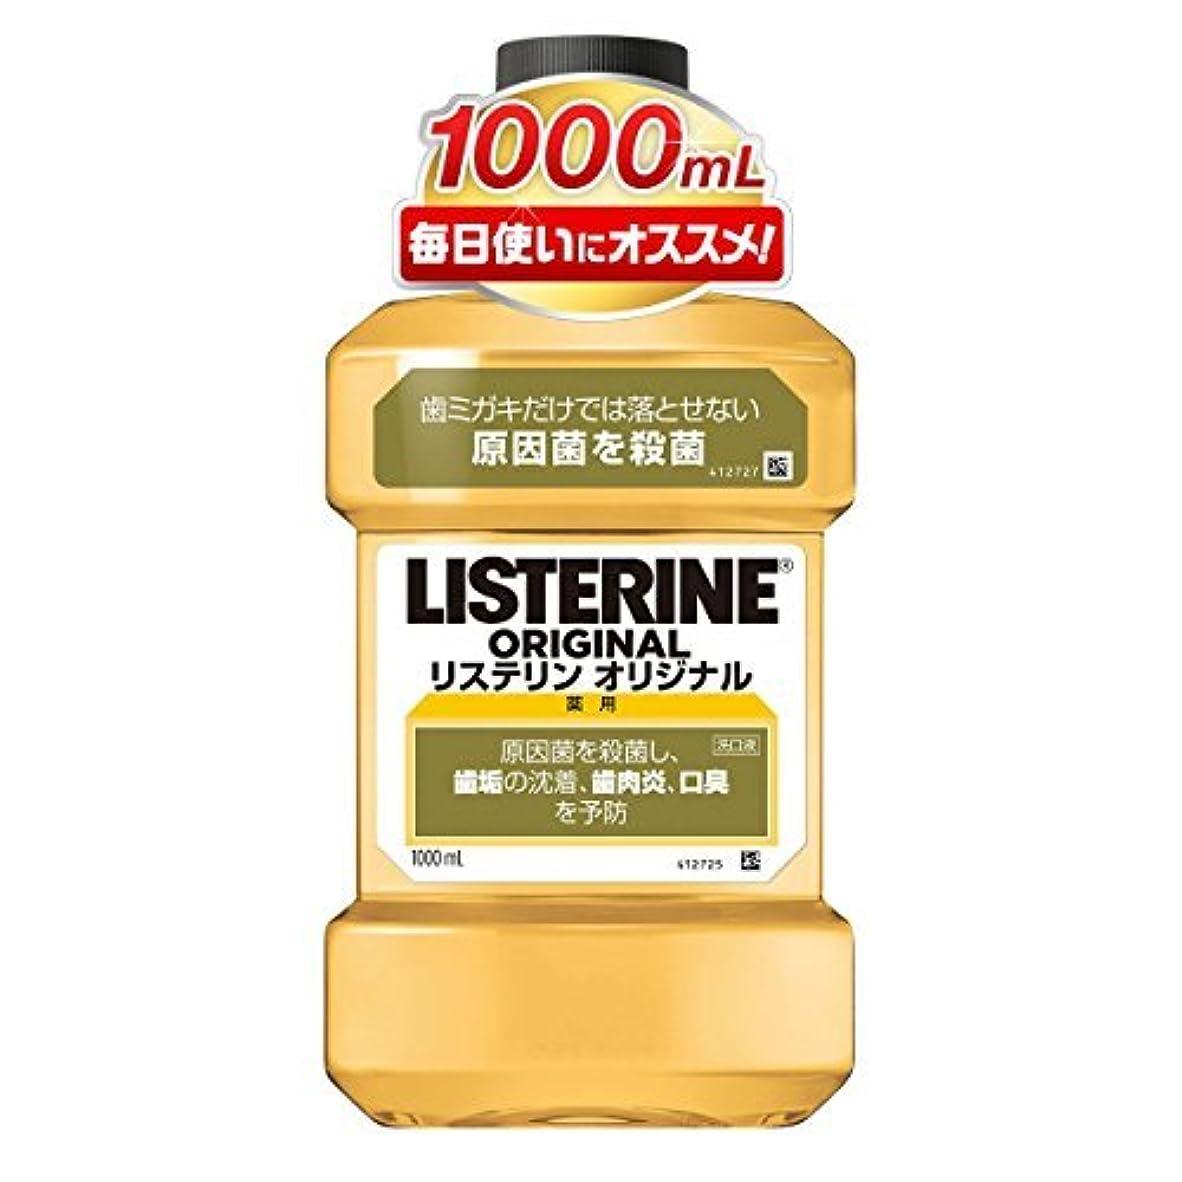 復活する野心的進行中薬用リステリン オリジナル 1000ml ×6個セット